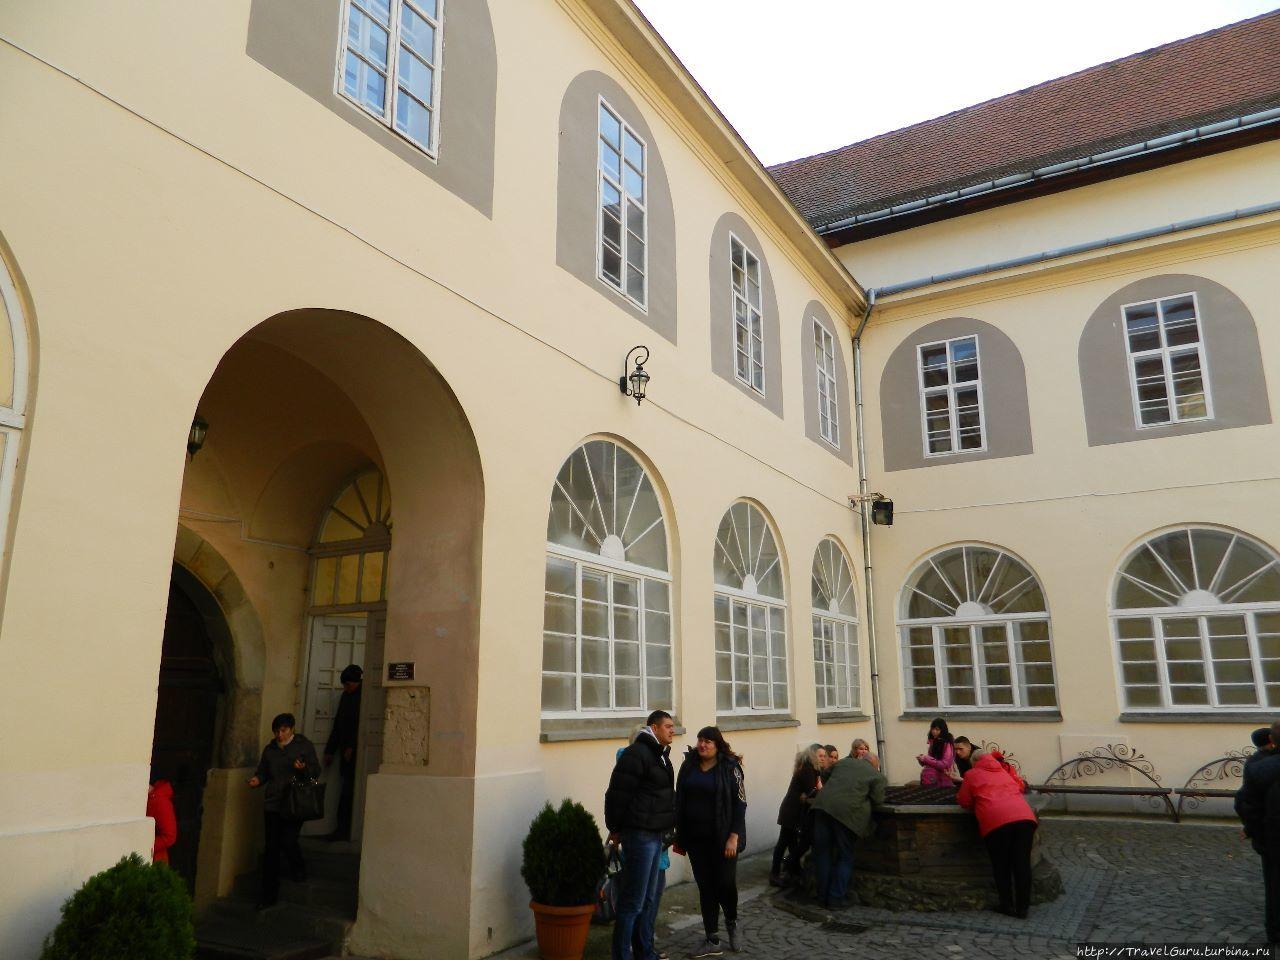 Внутренний двор цитадели.